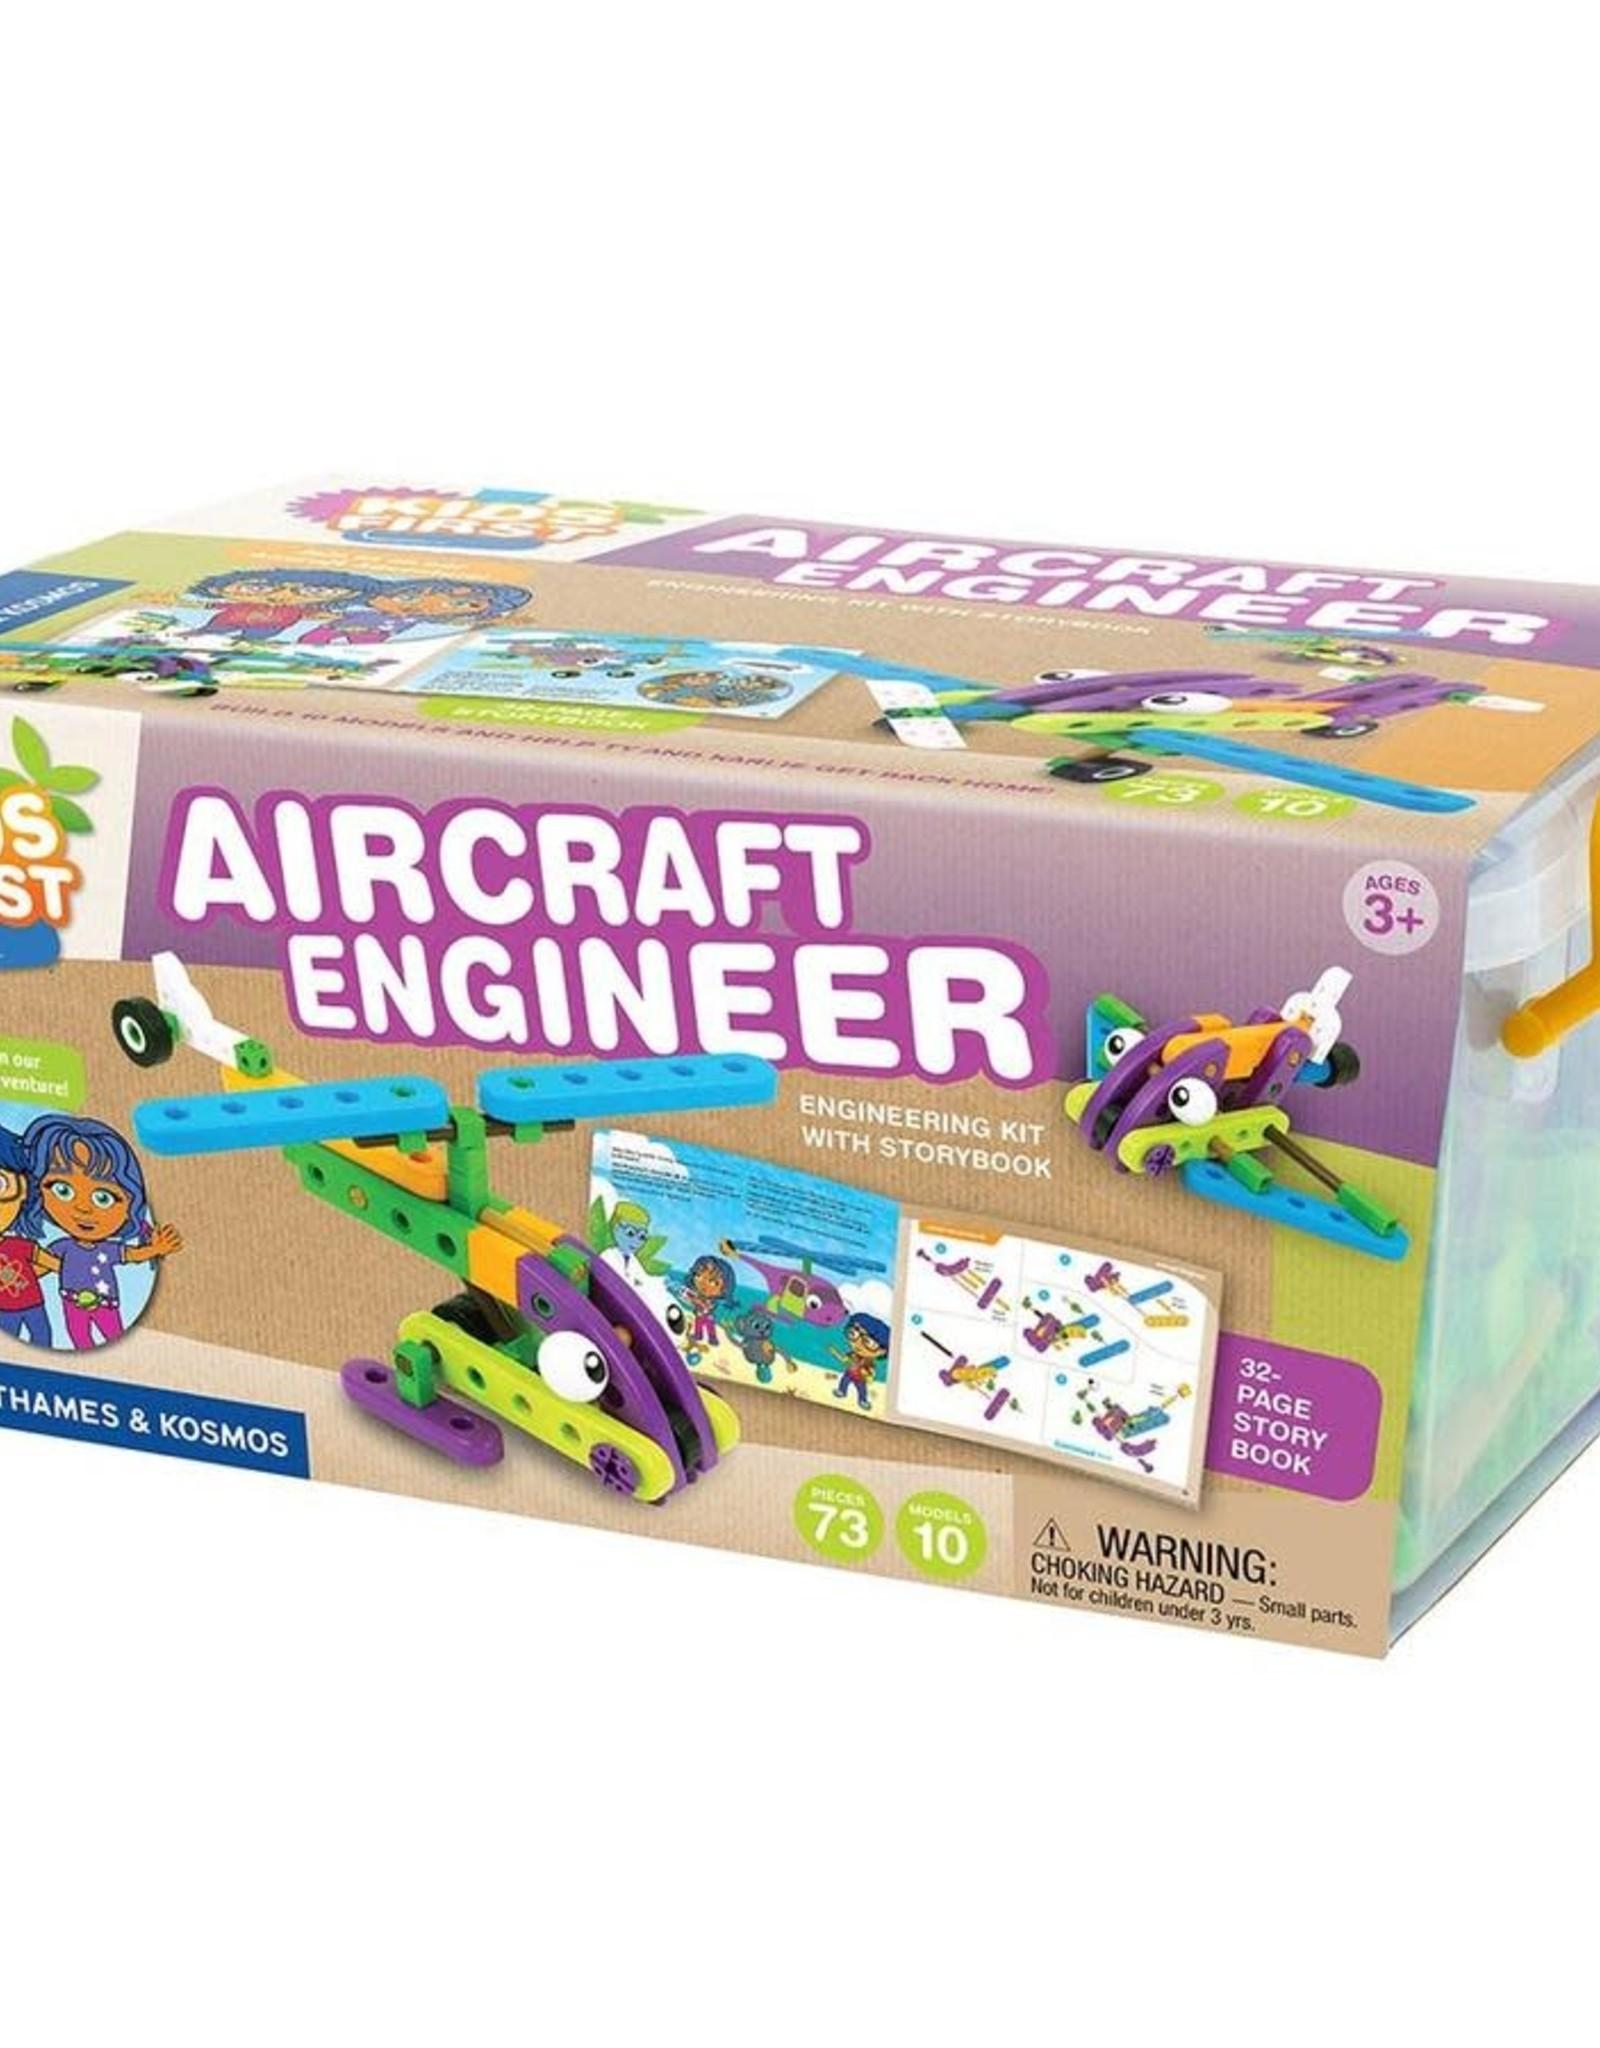 Thames & Kosmos AIRCRAFT ENGINEER